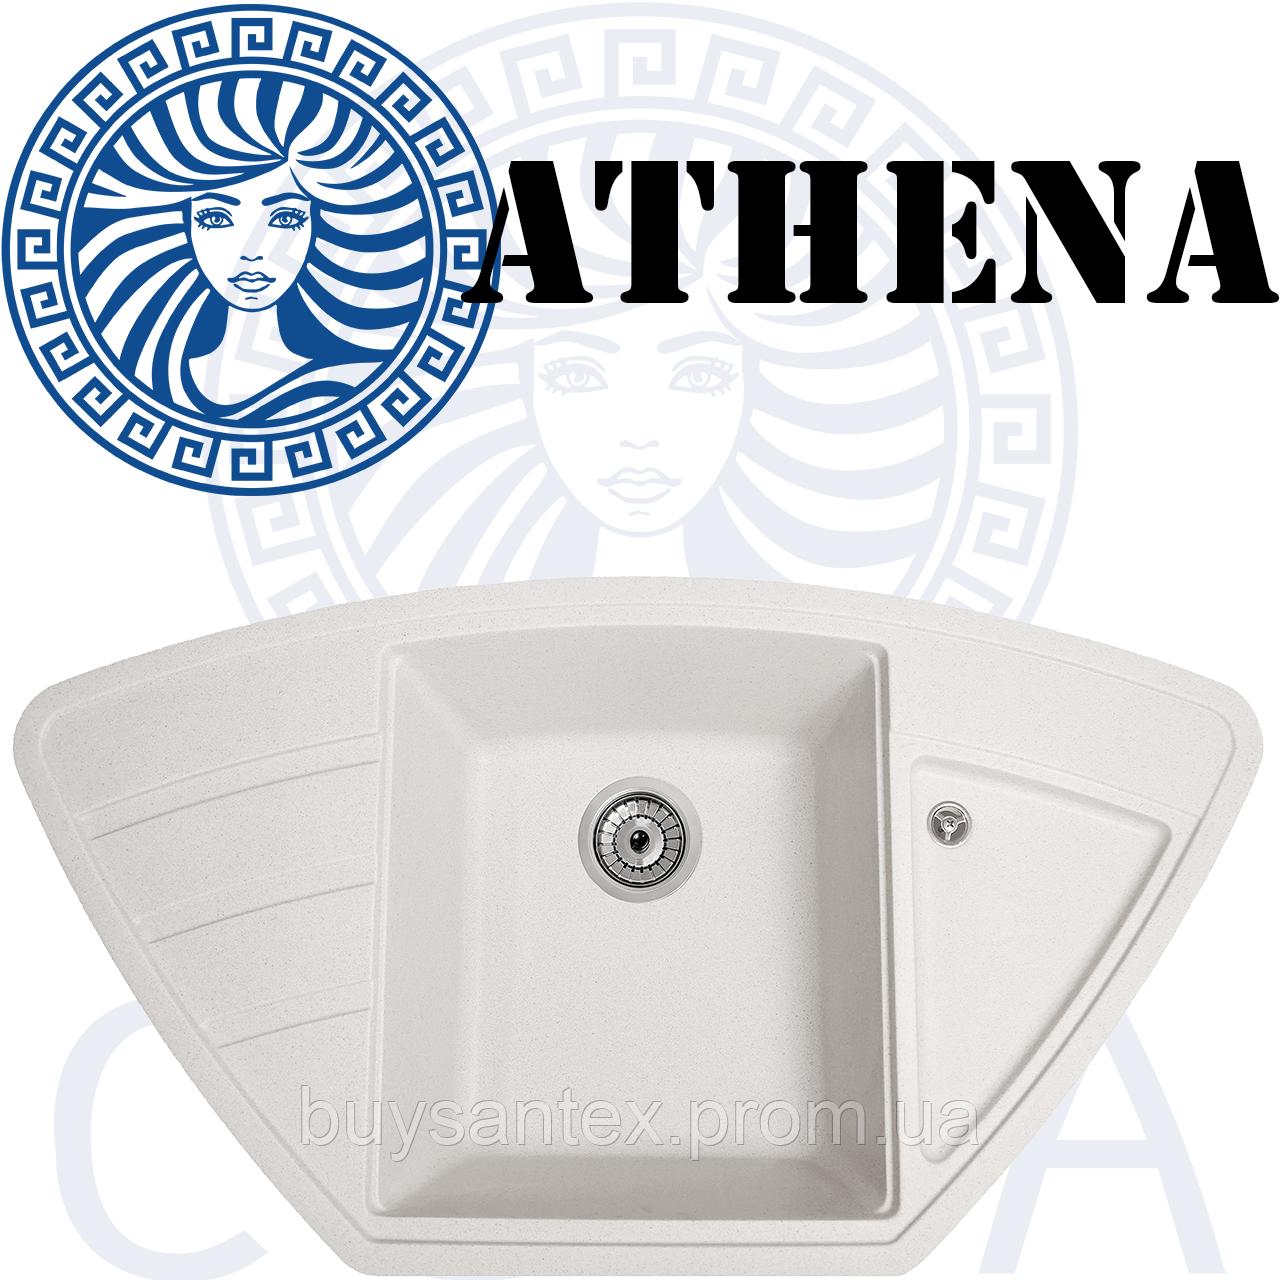 Кухонная мойка Cora - Athena Ivory